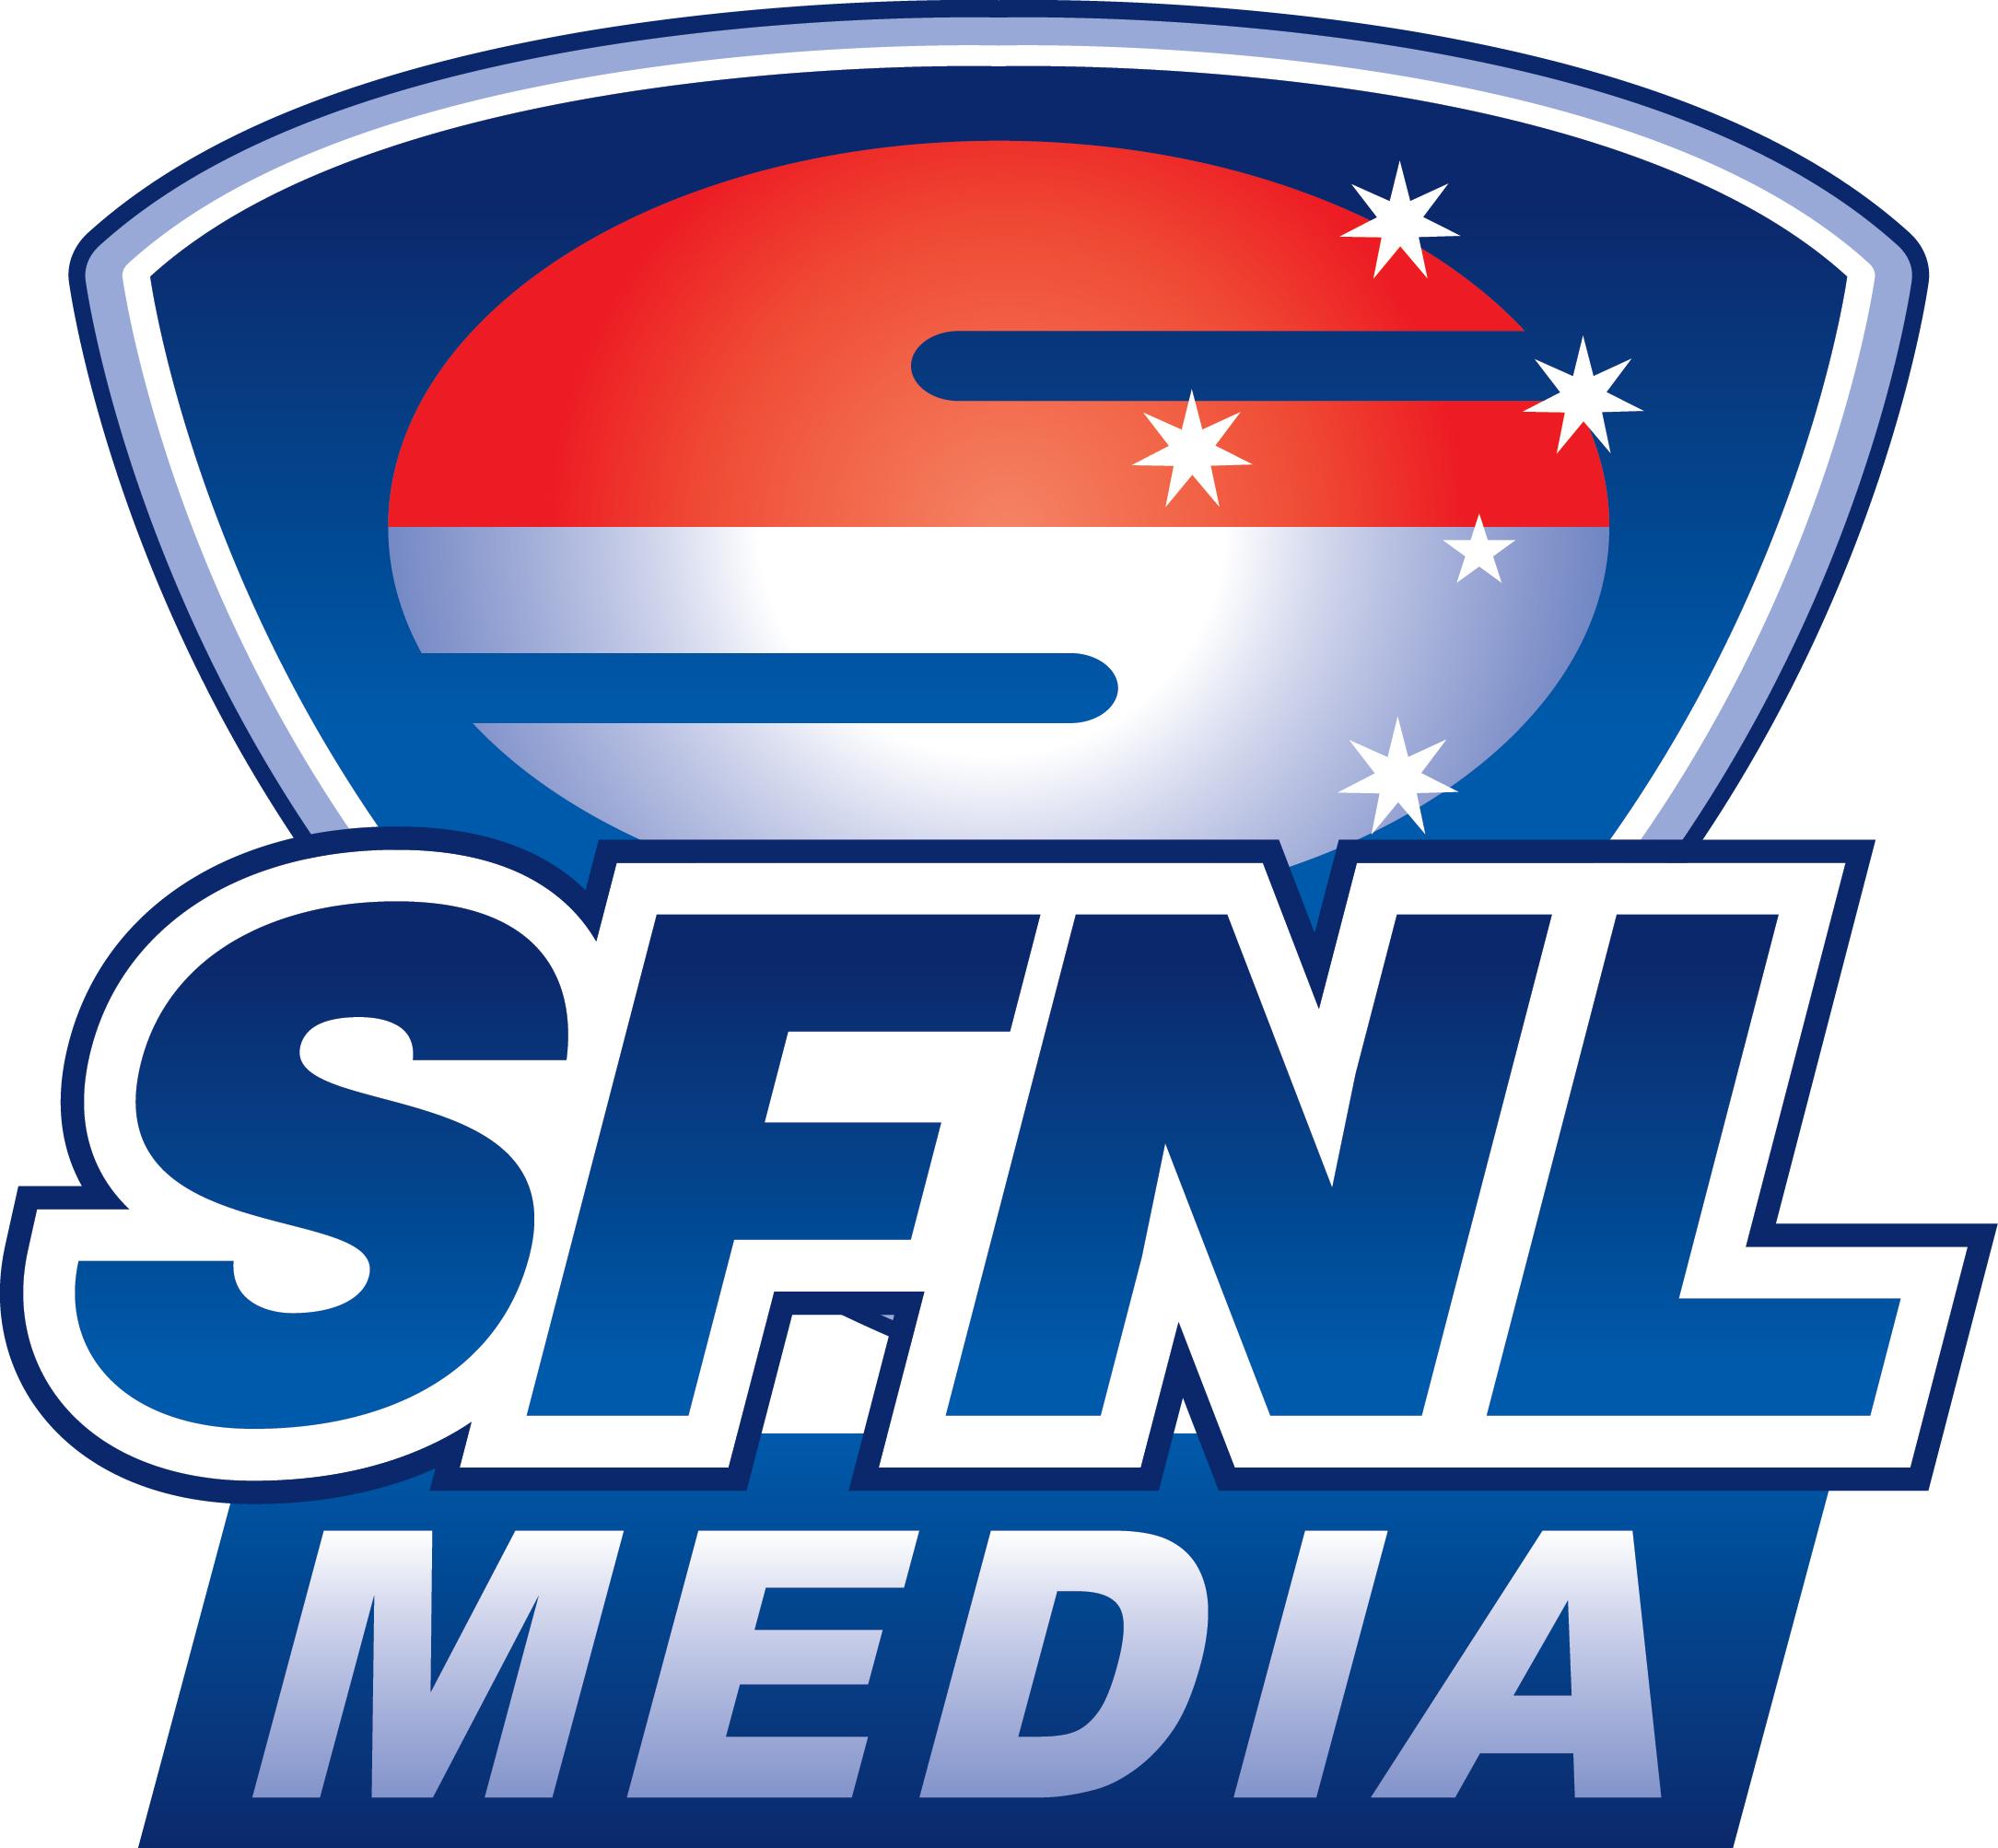 SFNL MEDIA